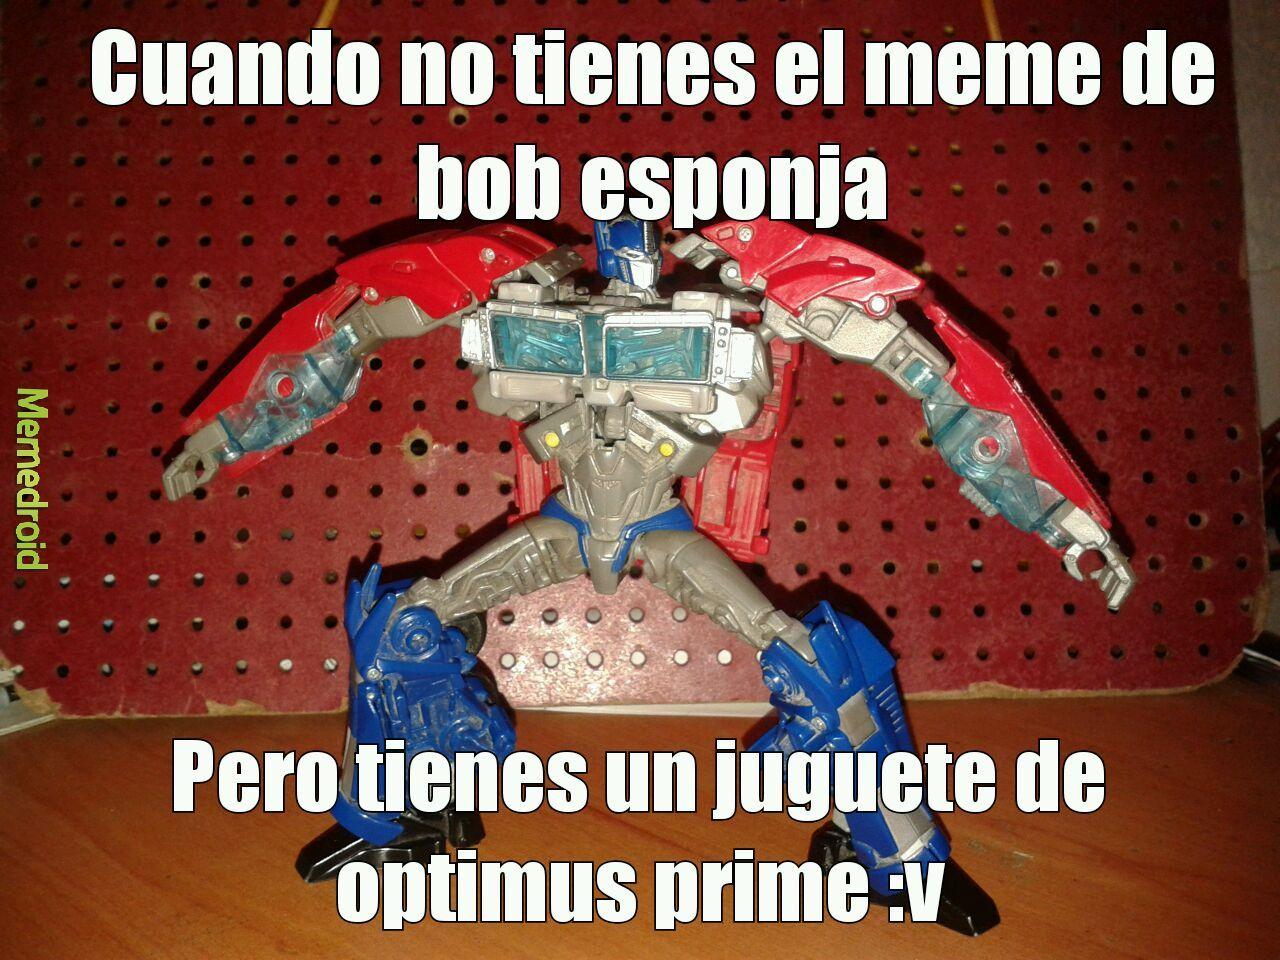 :v xdxdxdx prime - meme